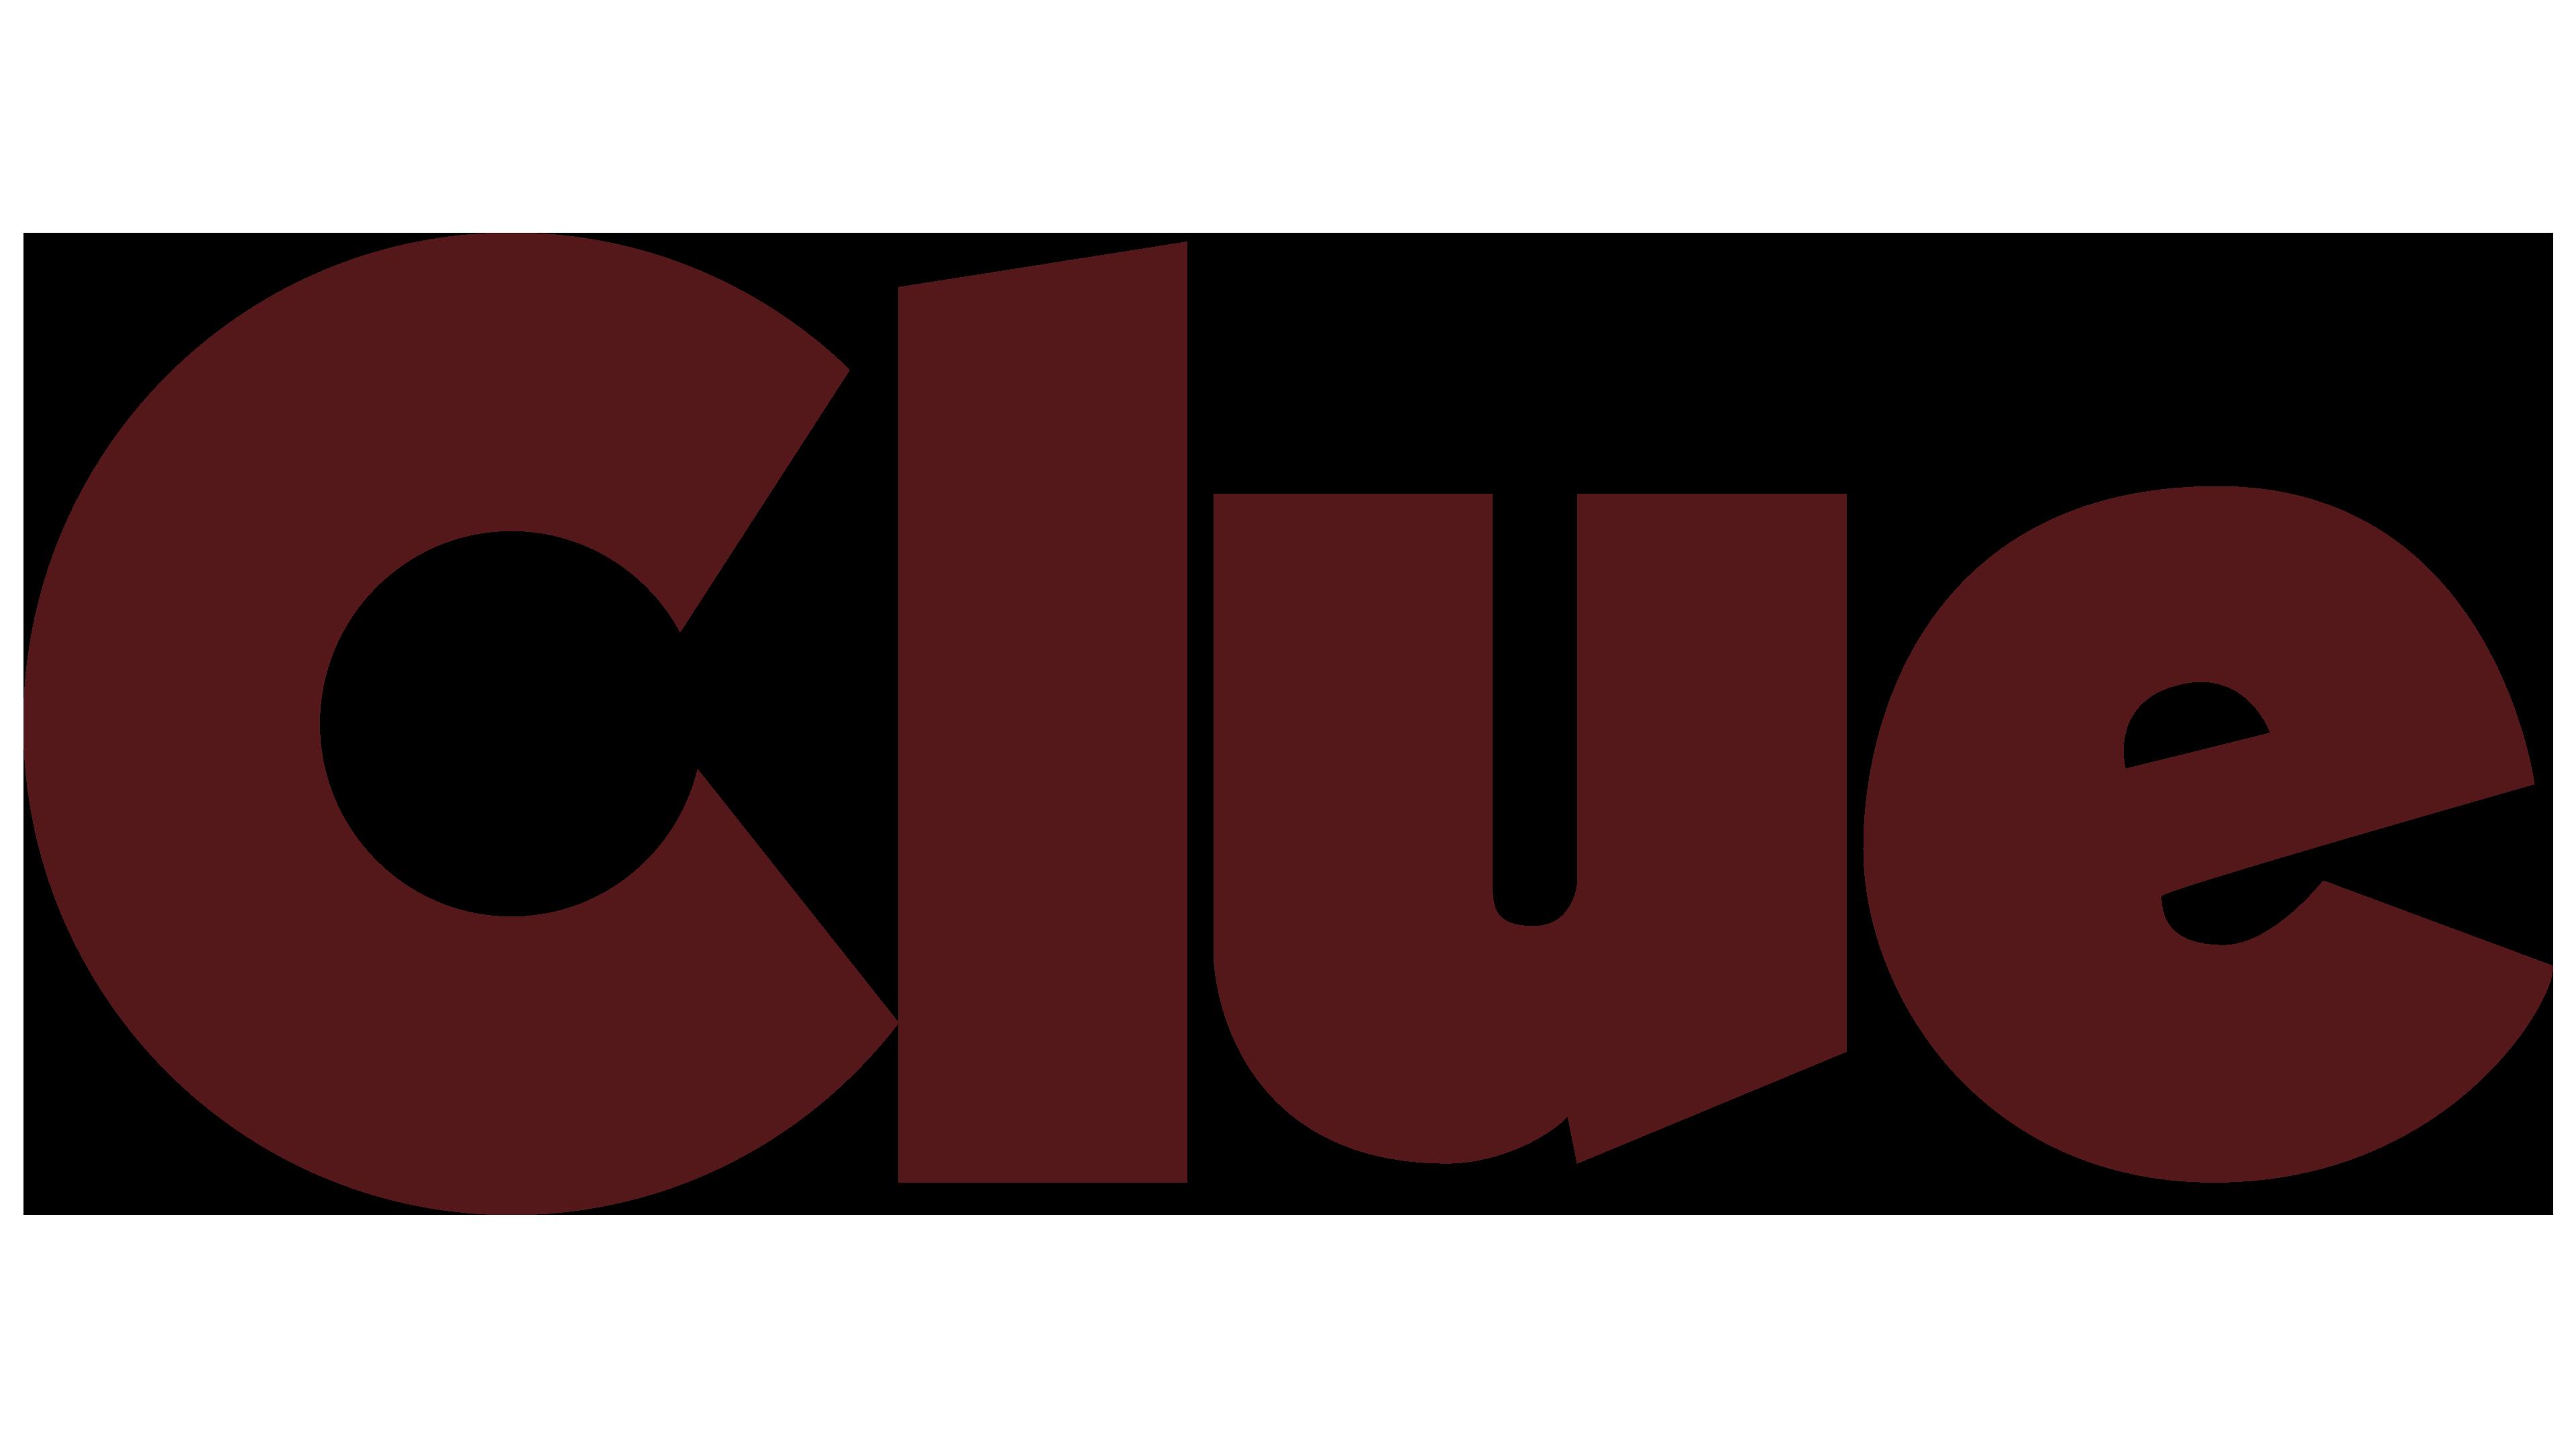 Cluedo Logo